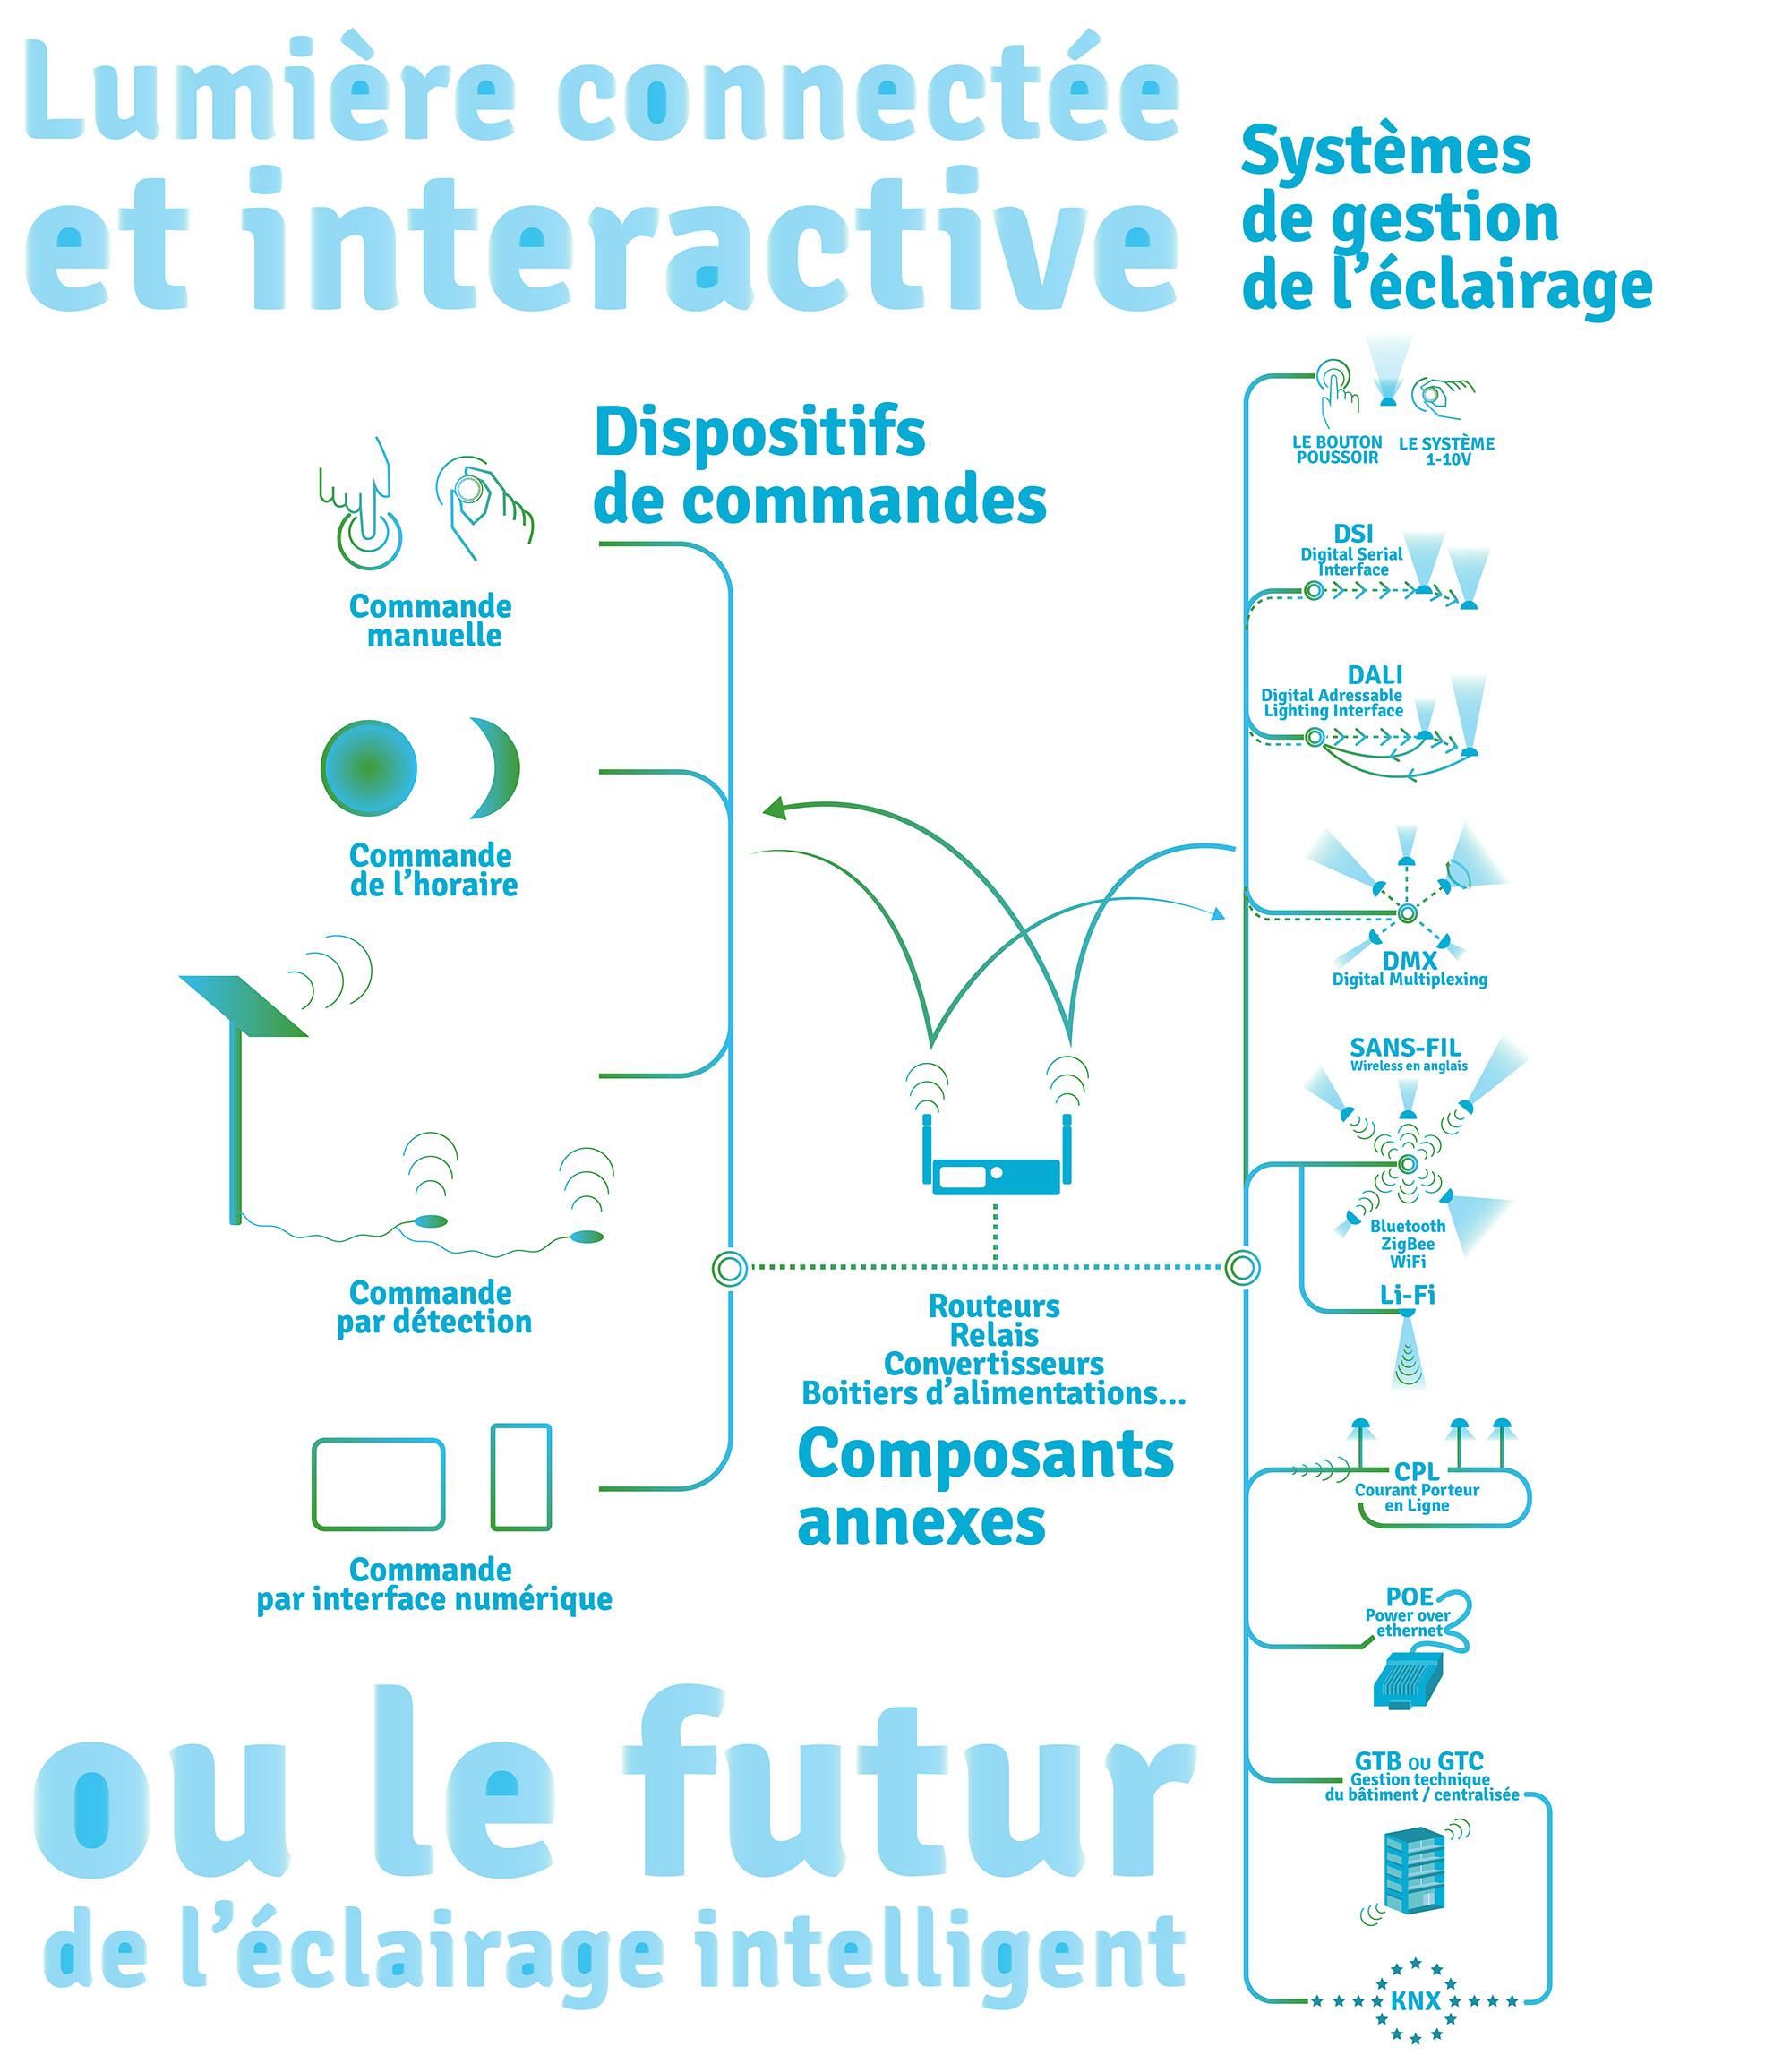 Lumière connectée et interactive - Principe de fonctionnement de l'éclairage intelligent